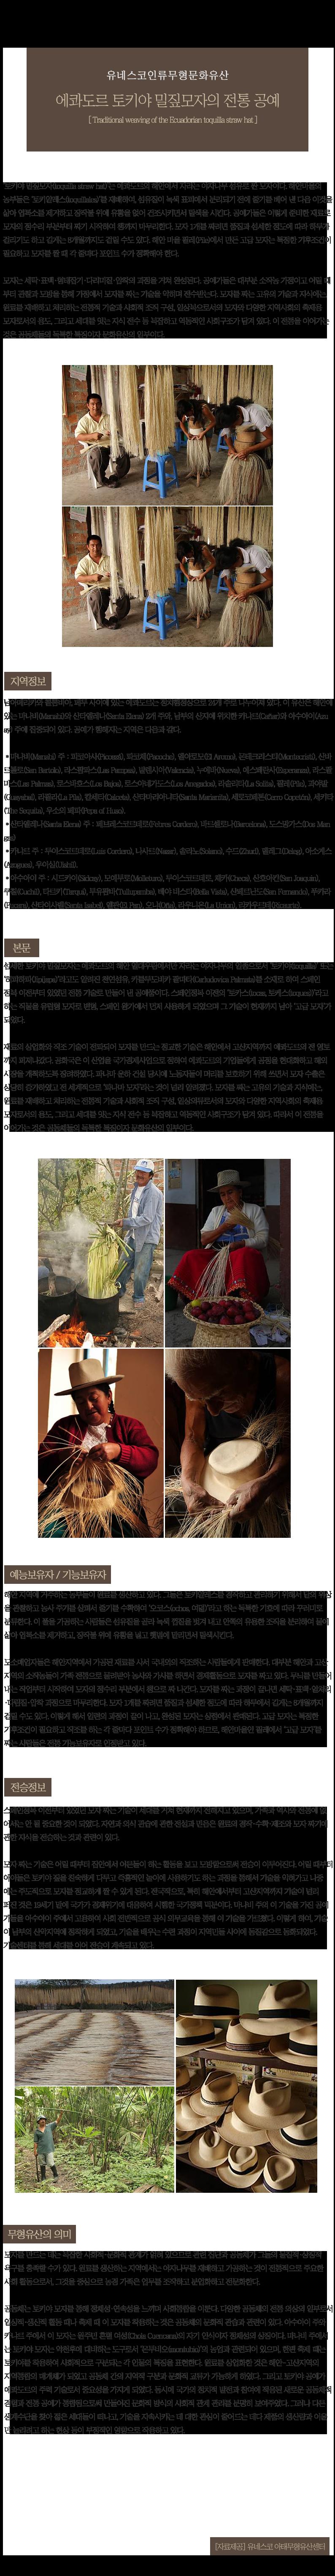 세계 곳곳의 인류무형문화유산ㅣ세프루의 체리 축제